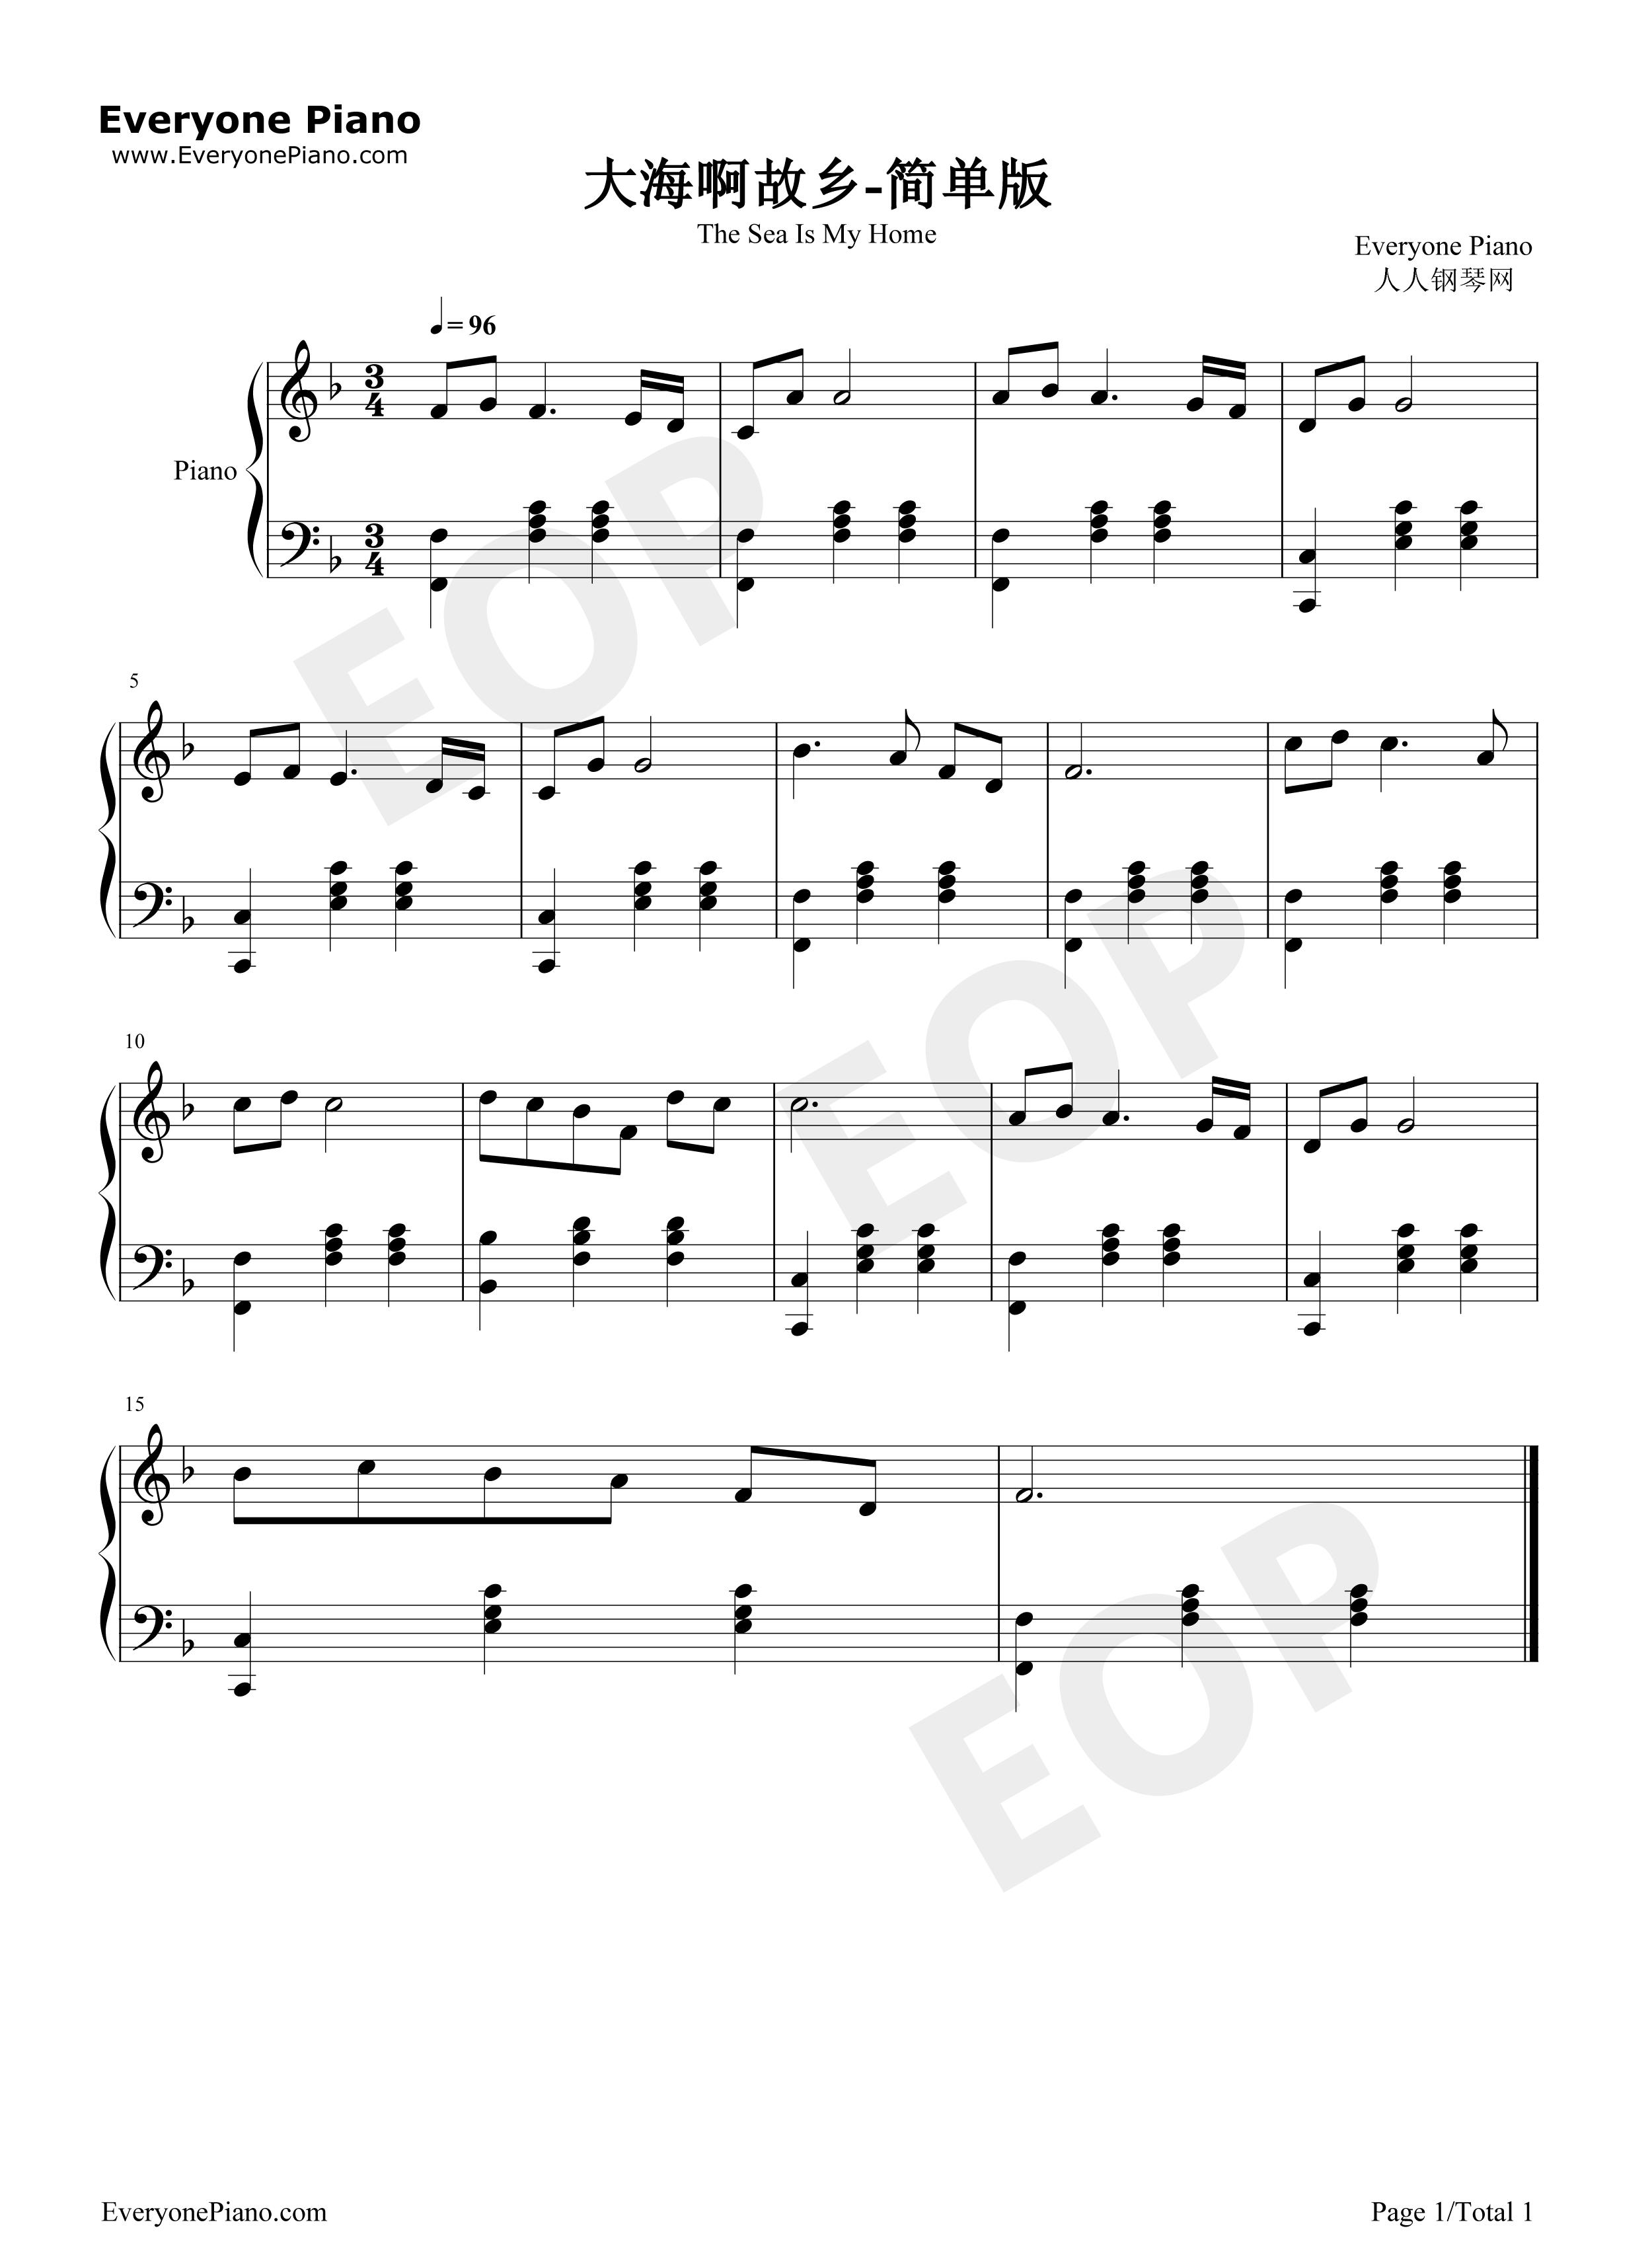 钢琴曲谱 练习曲 大海啊故乡(带歌词版) 大海啊故乡(带歌词版)五线谱